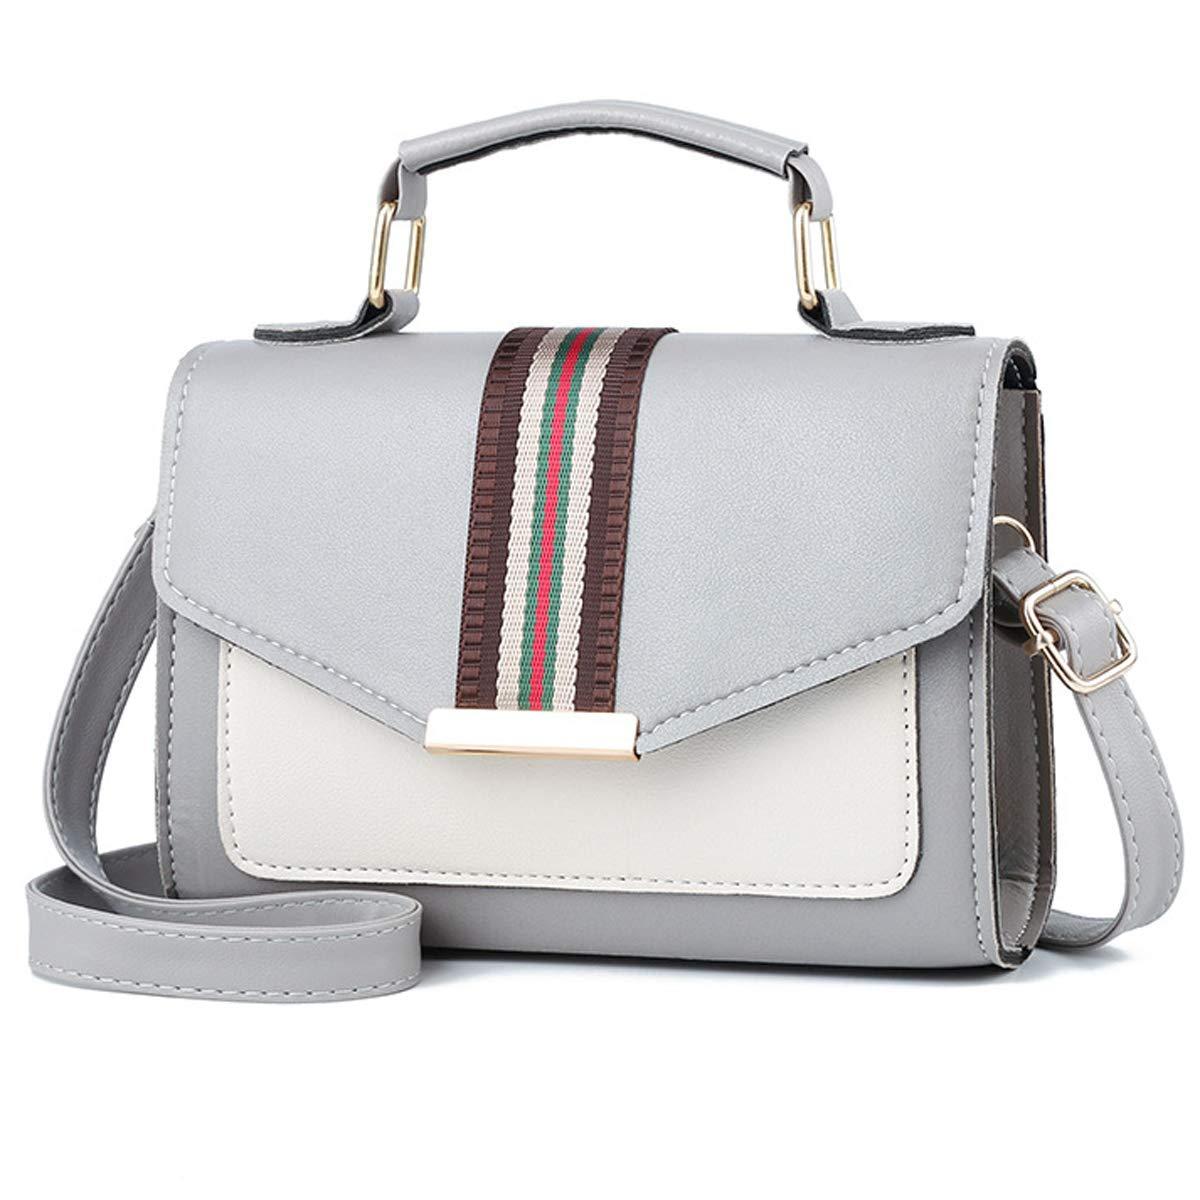 2018 Herbst neue, bedruckte kleine quadratische Tasche, einfache Umhängetasche, diagonale weibliche Tasche (20x15x6 cm, Beige) einfache Umhängetasche Wdsy